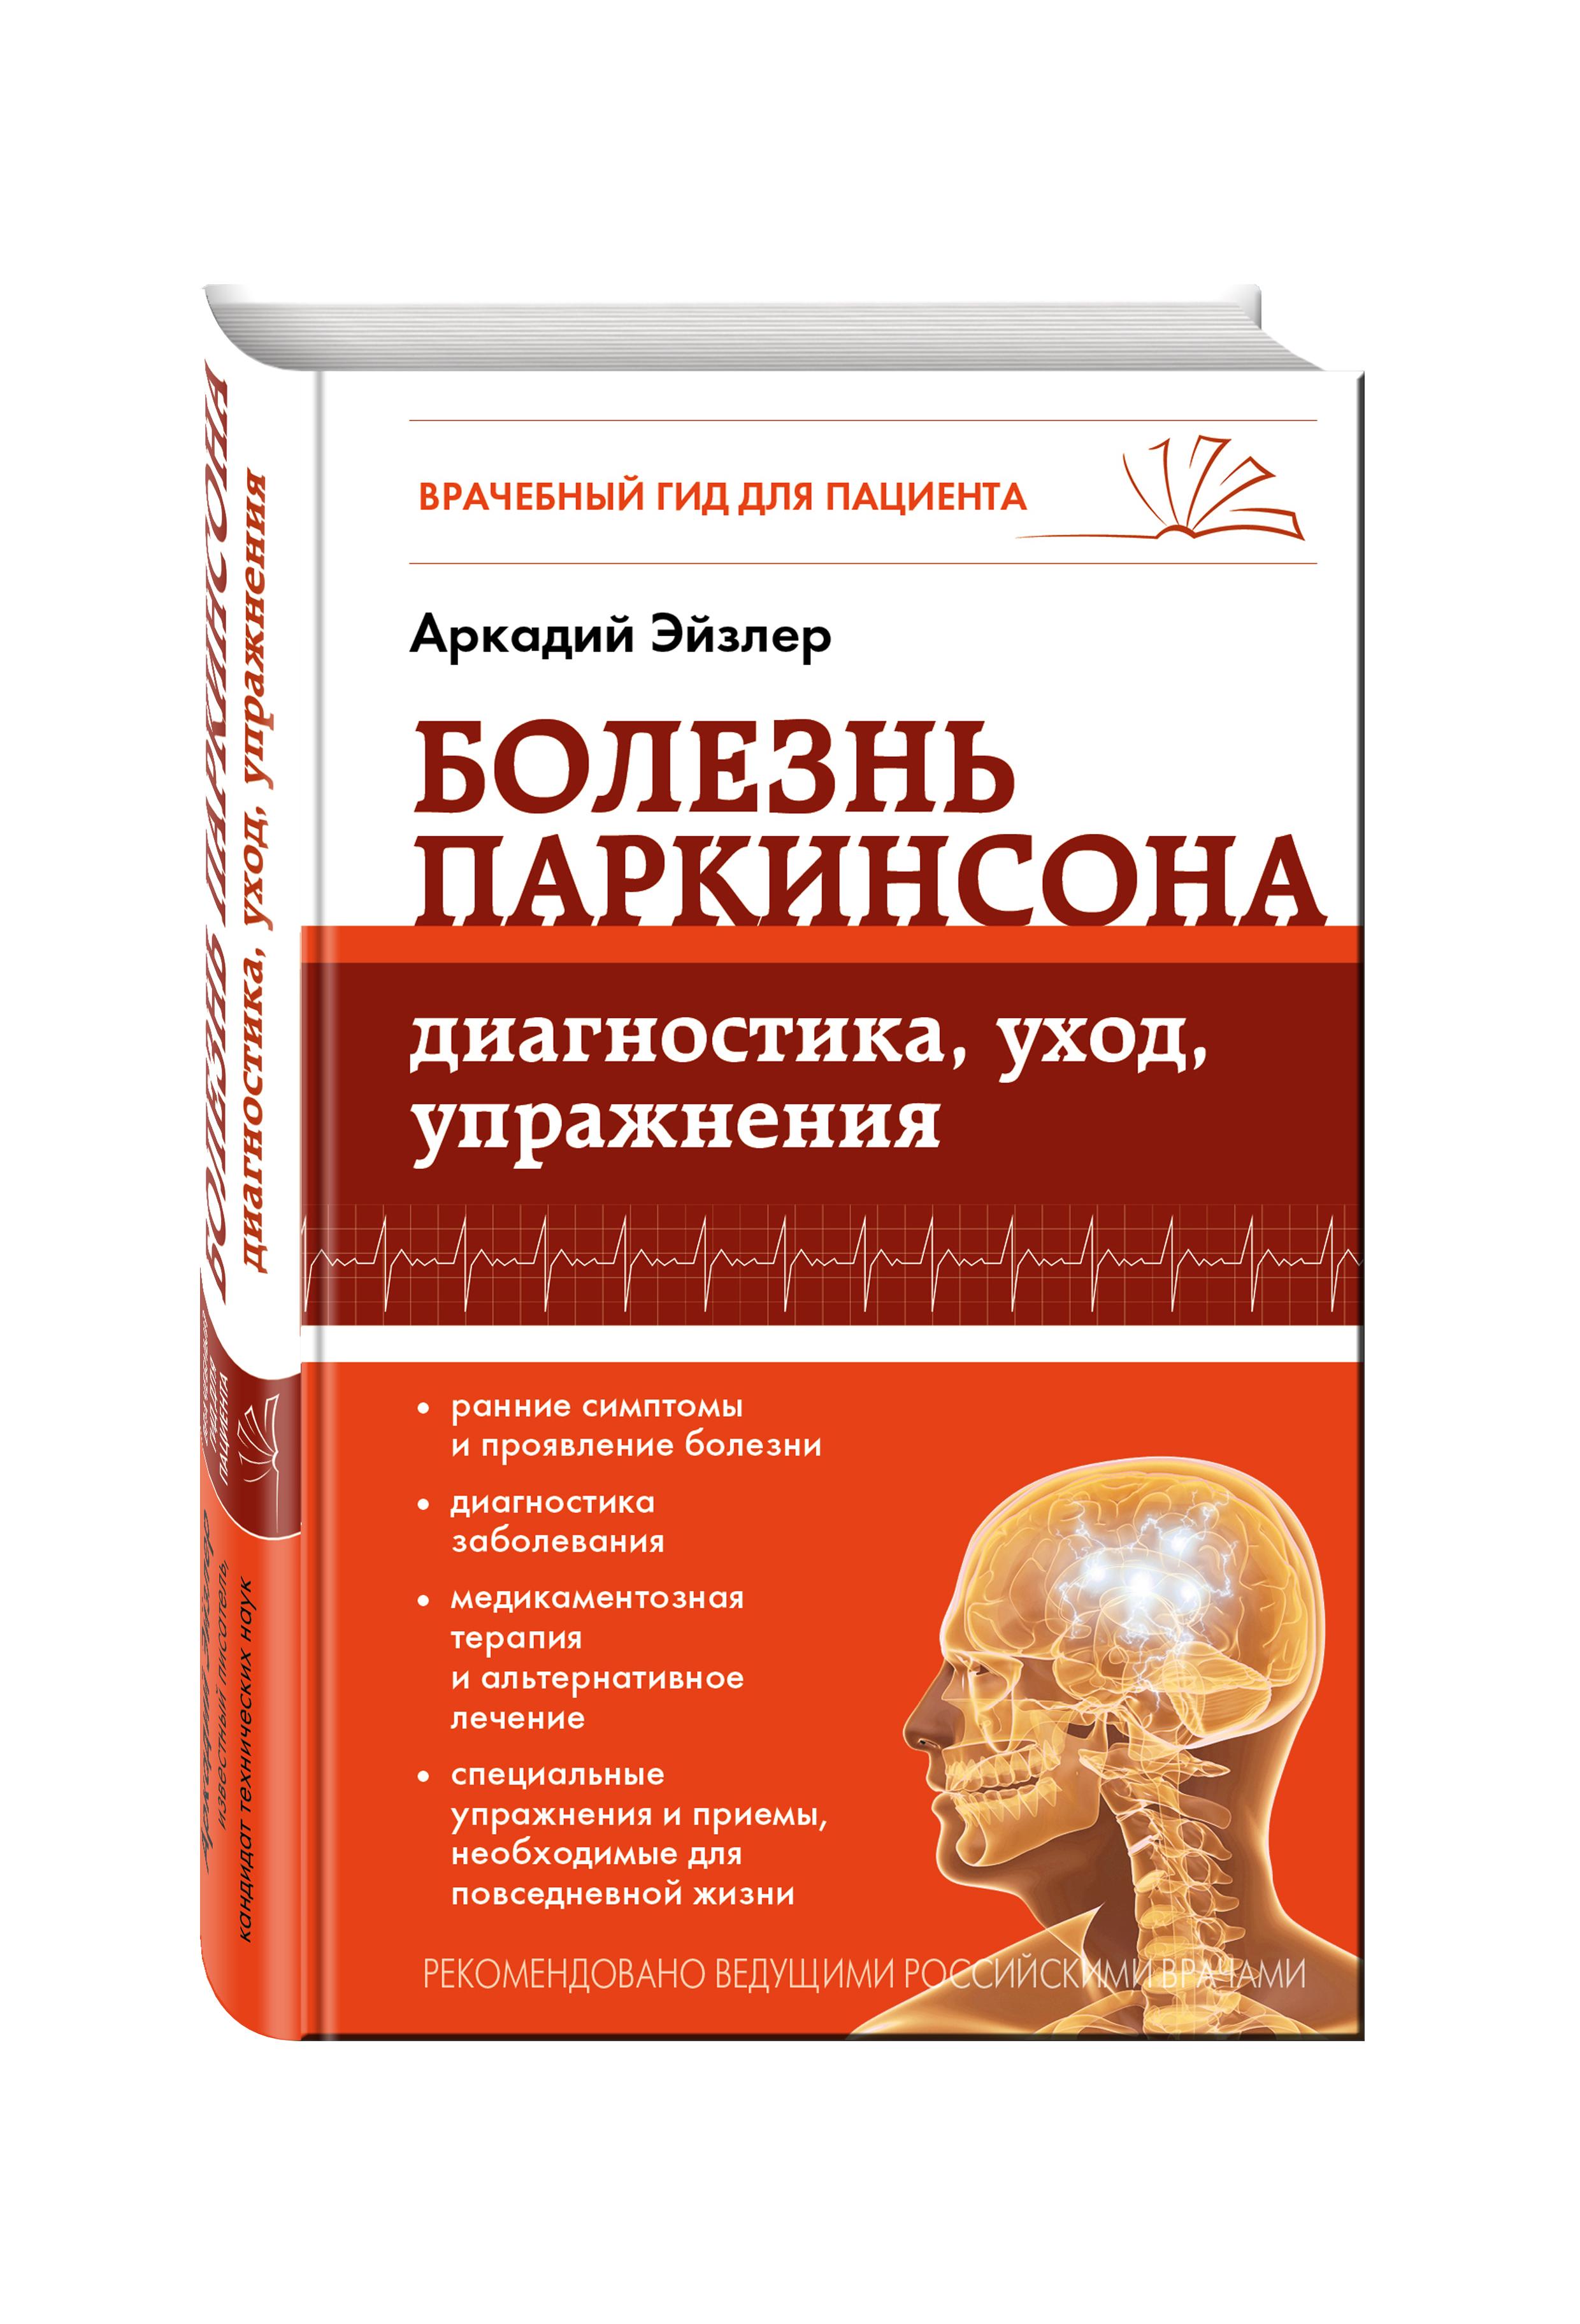 Эйзлер А.К. Болезнь Паркинсона: диагностика, уход, упражнения